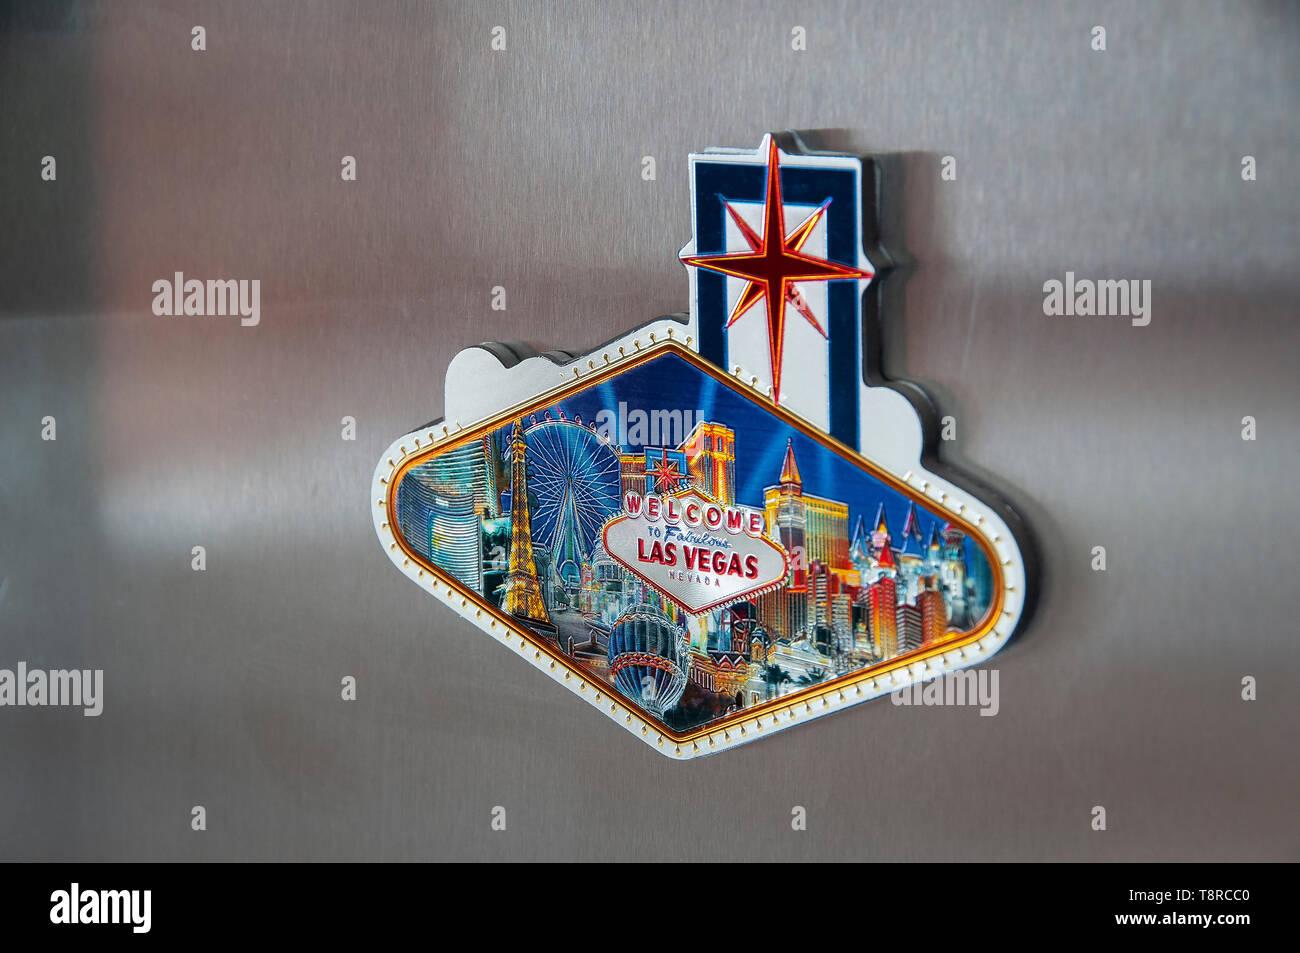 Las Vegas frigo magnete fissato ad un moderno in acciaio inox frigo Immagini Stock